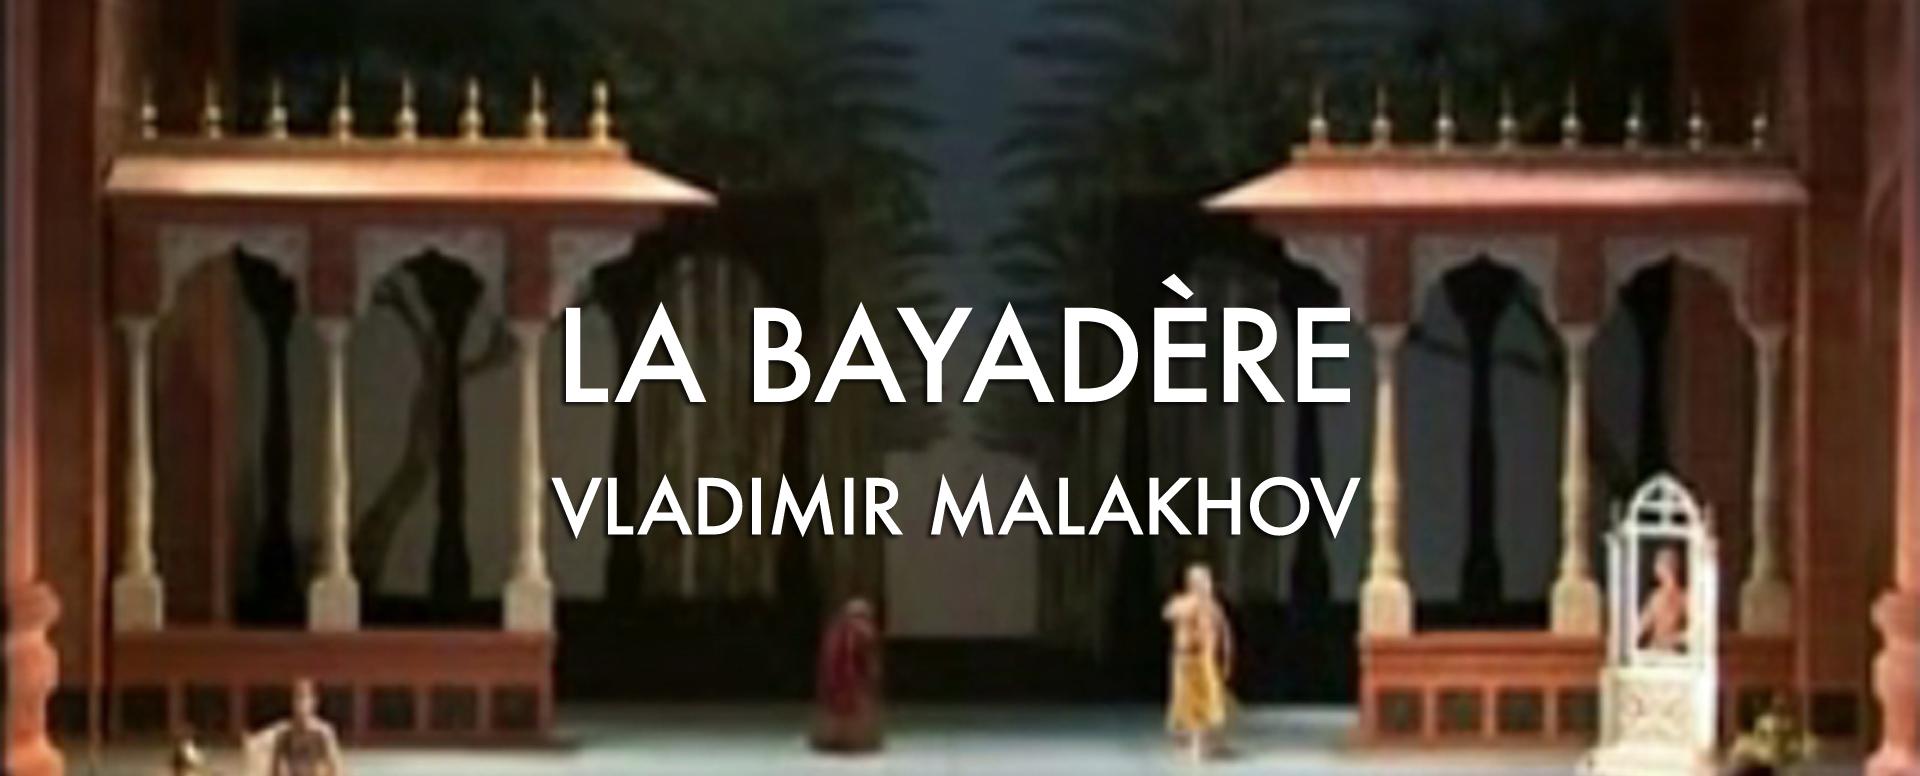 BAYADERE